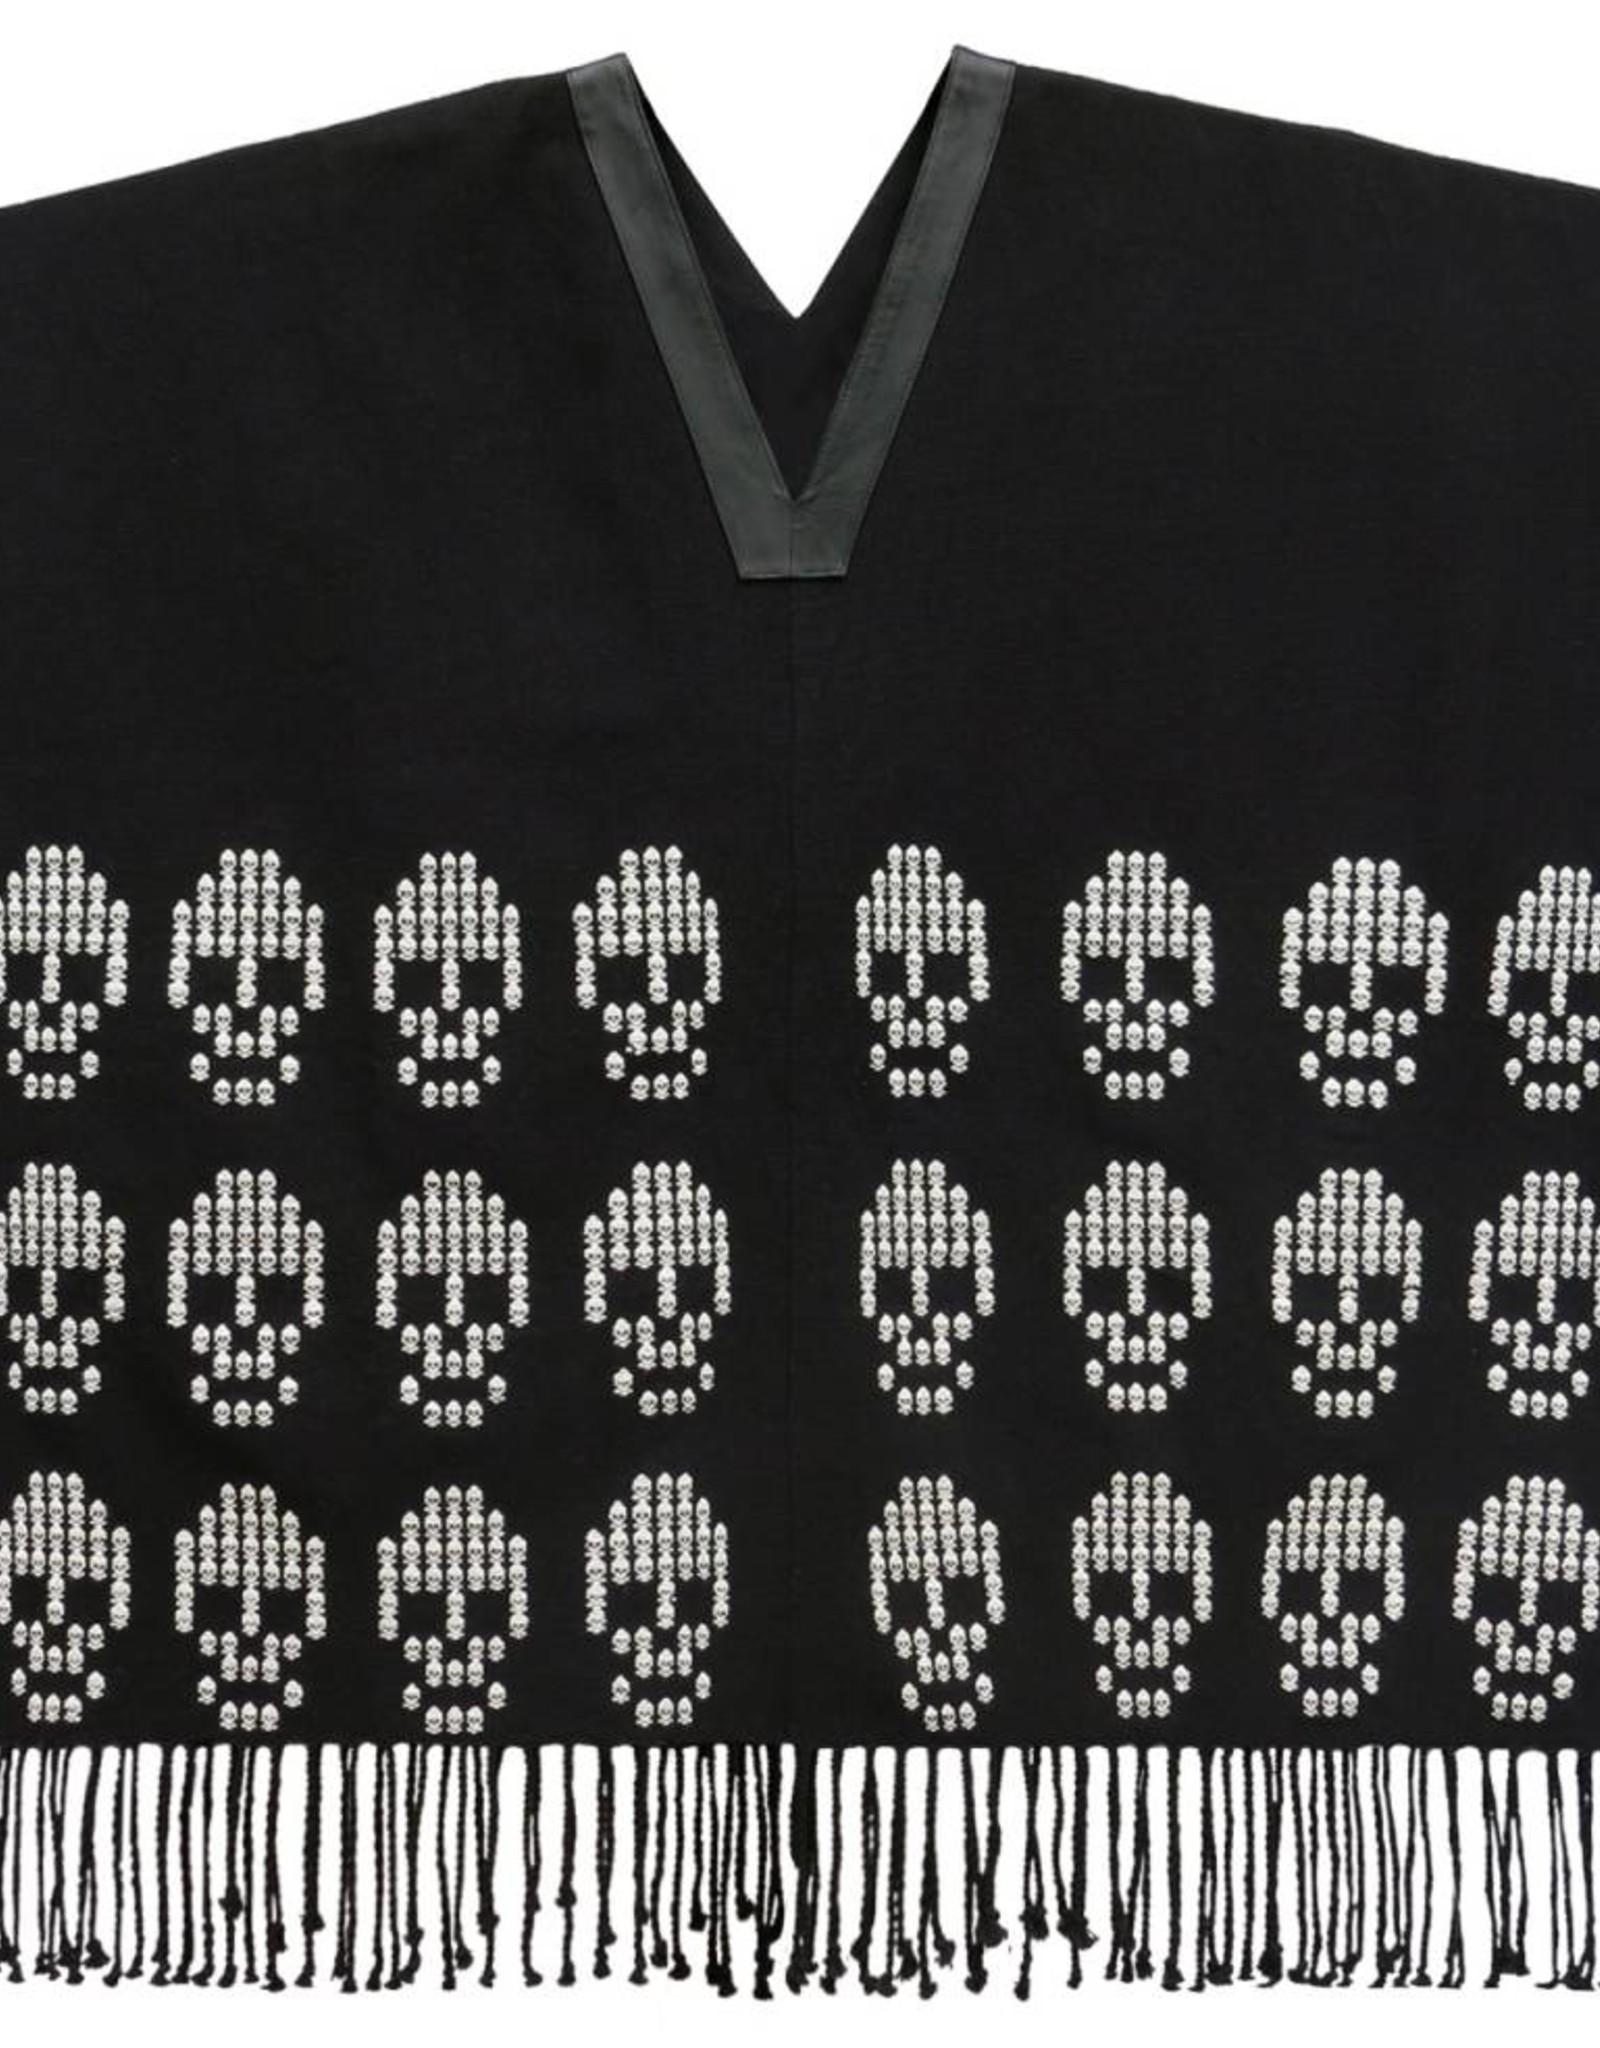 TALLER 67 poncho largo con brocado de calaveras tejido en telar de cintura CRUDO NEGRO, NEGRO CRUDO TALLER 67